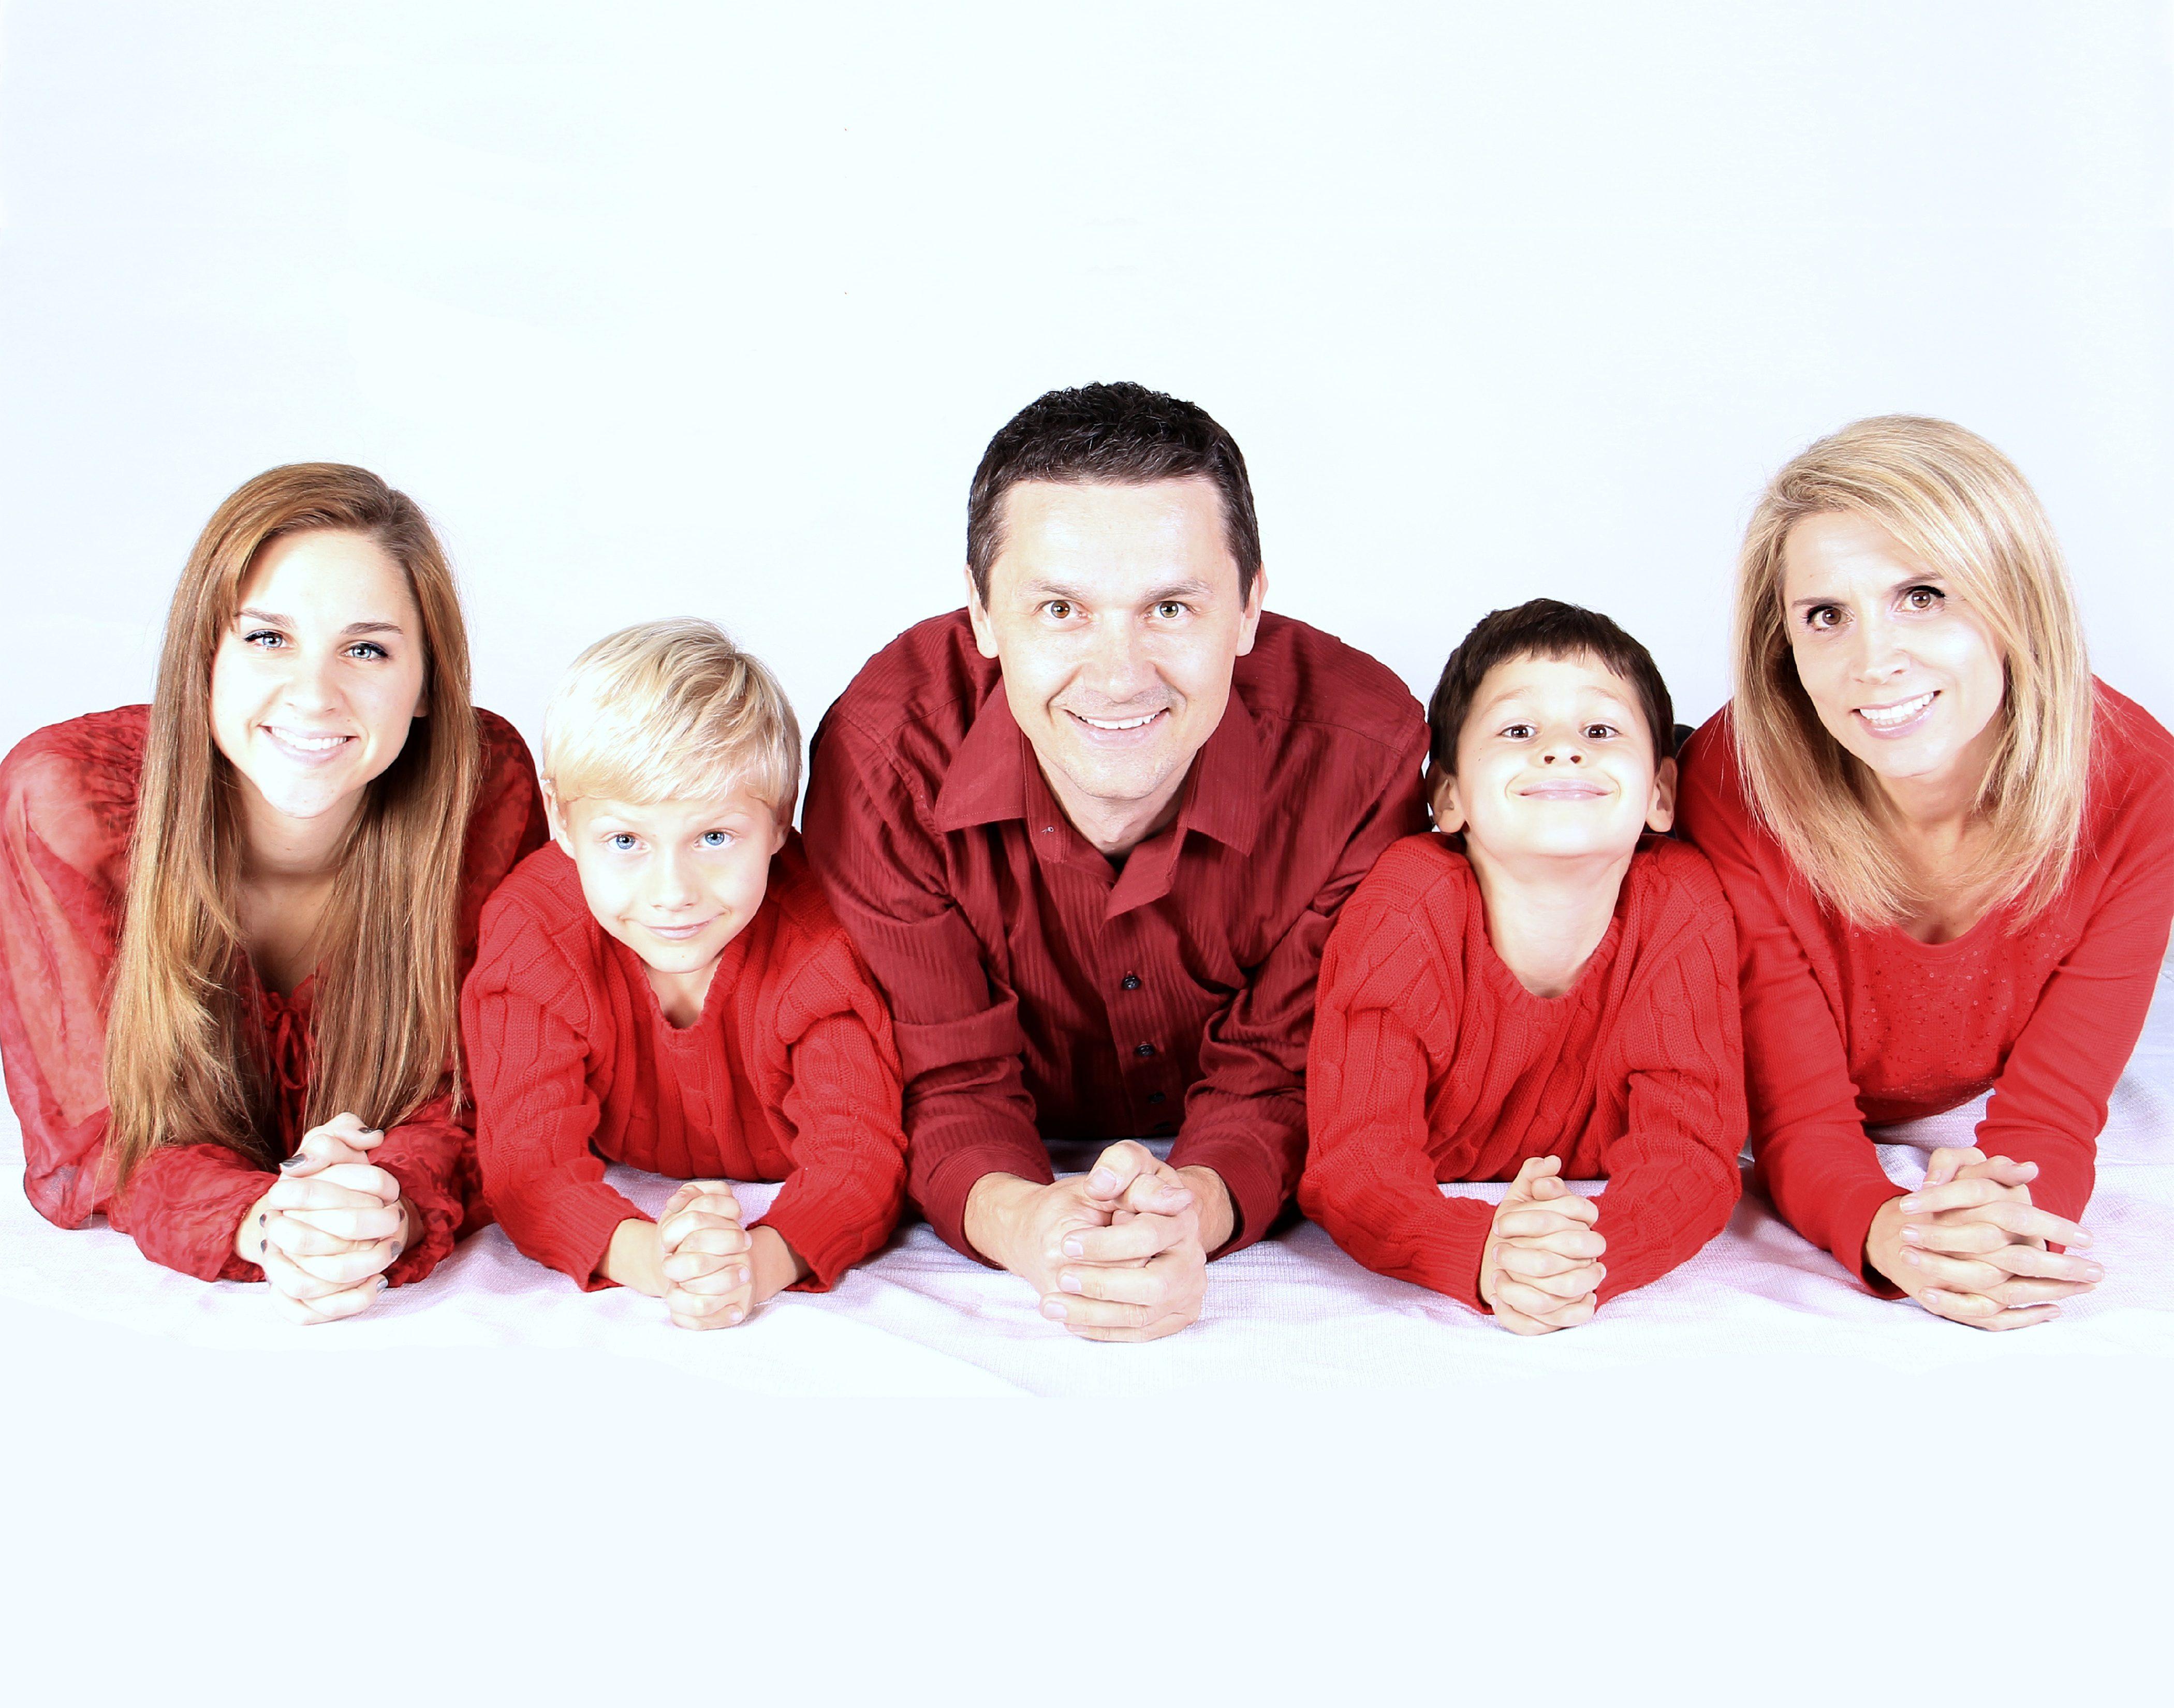 Familie liegend nach vorne mit roten Kleidern